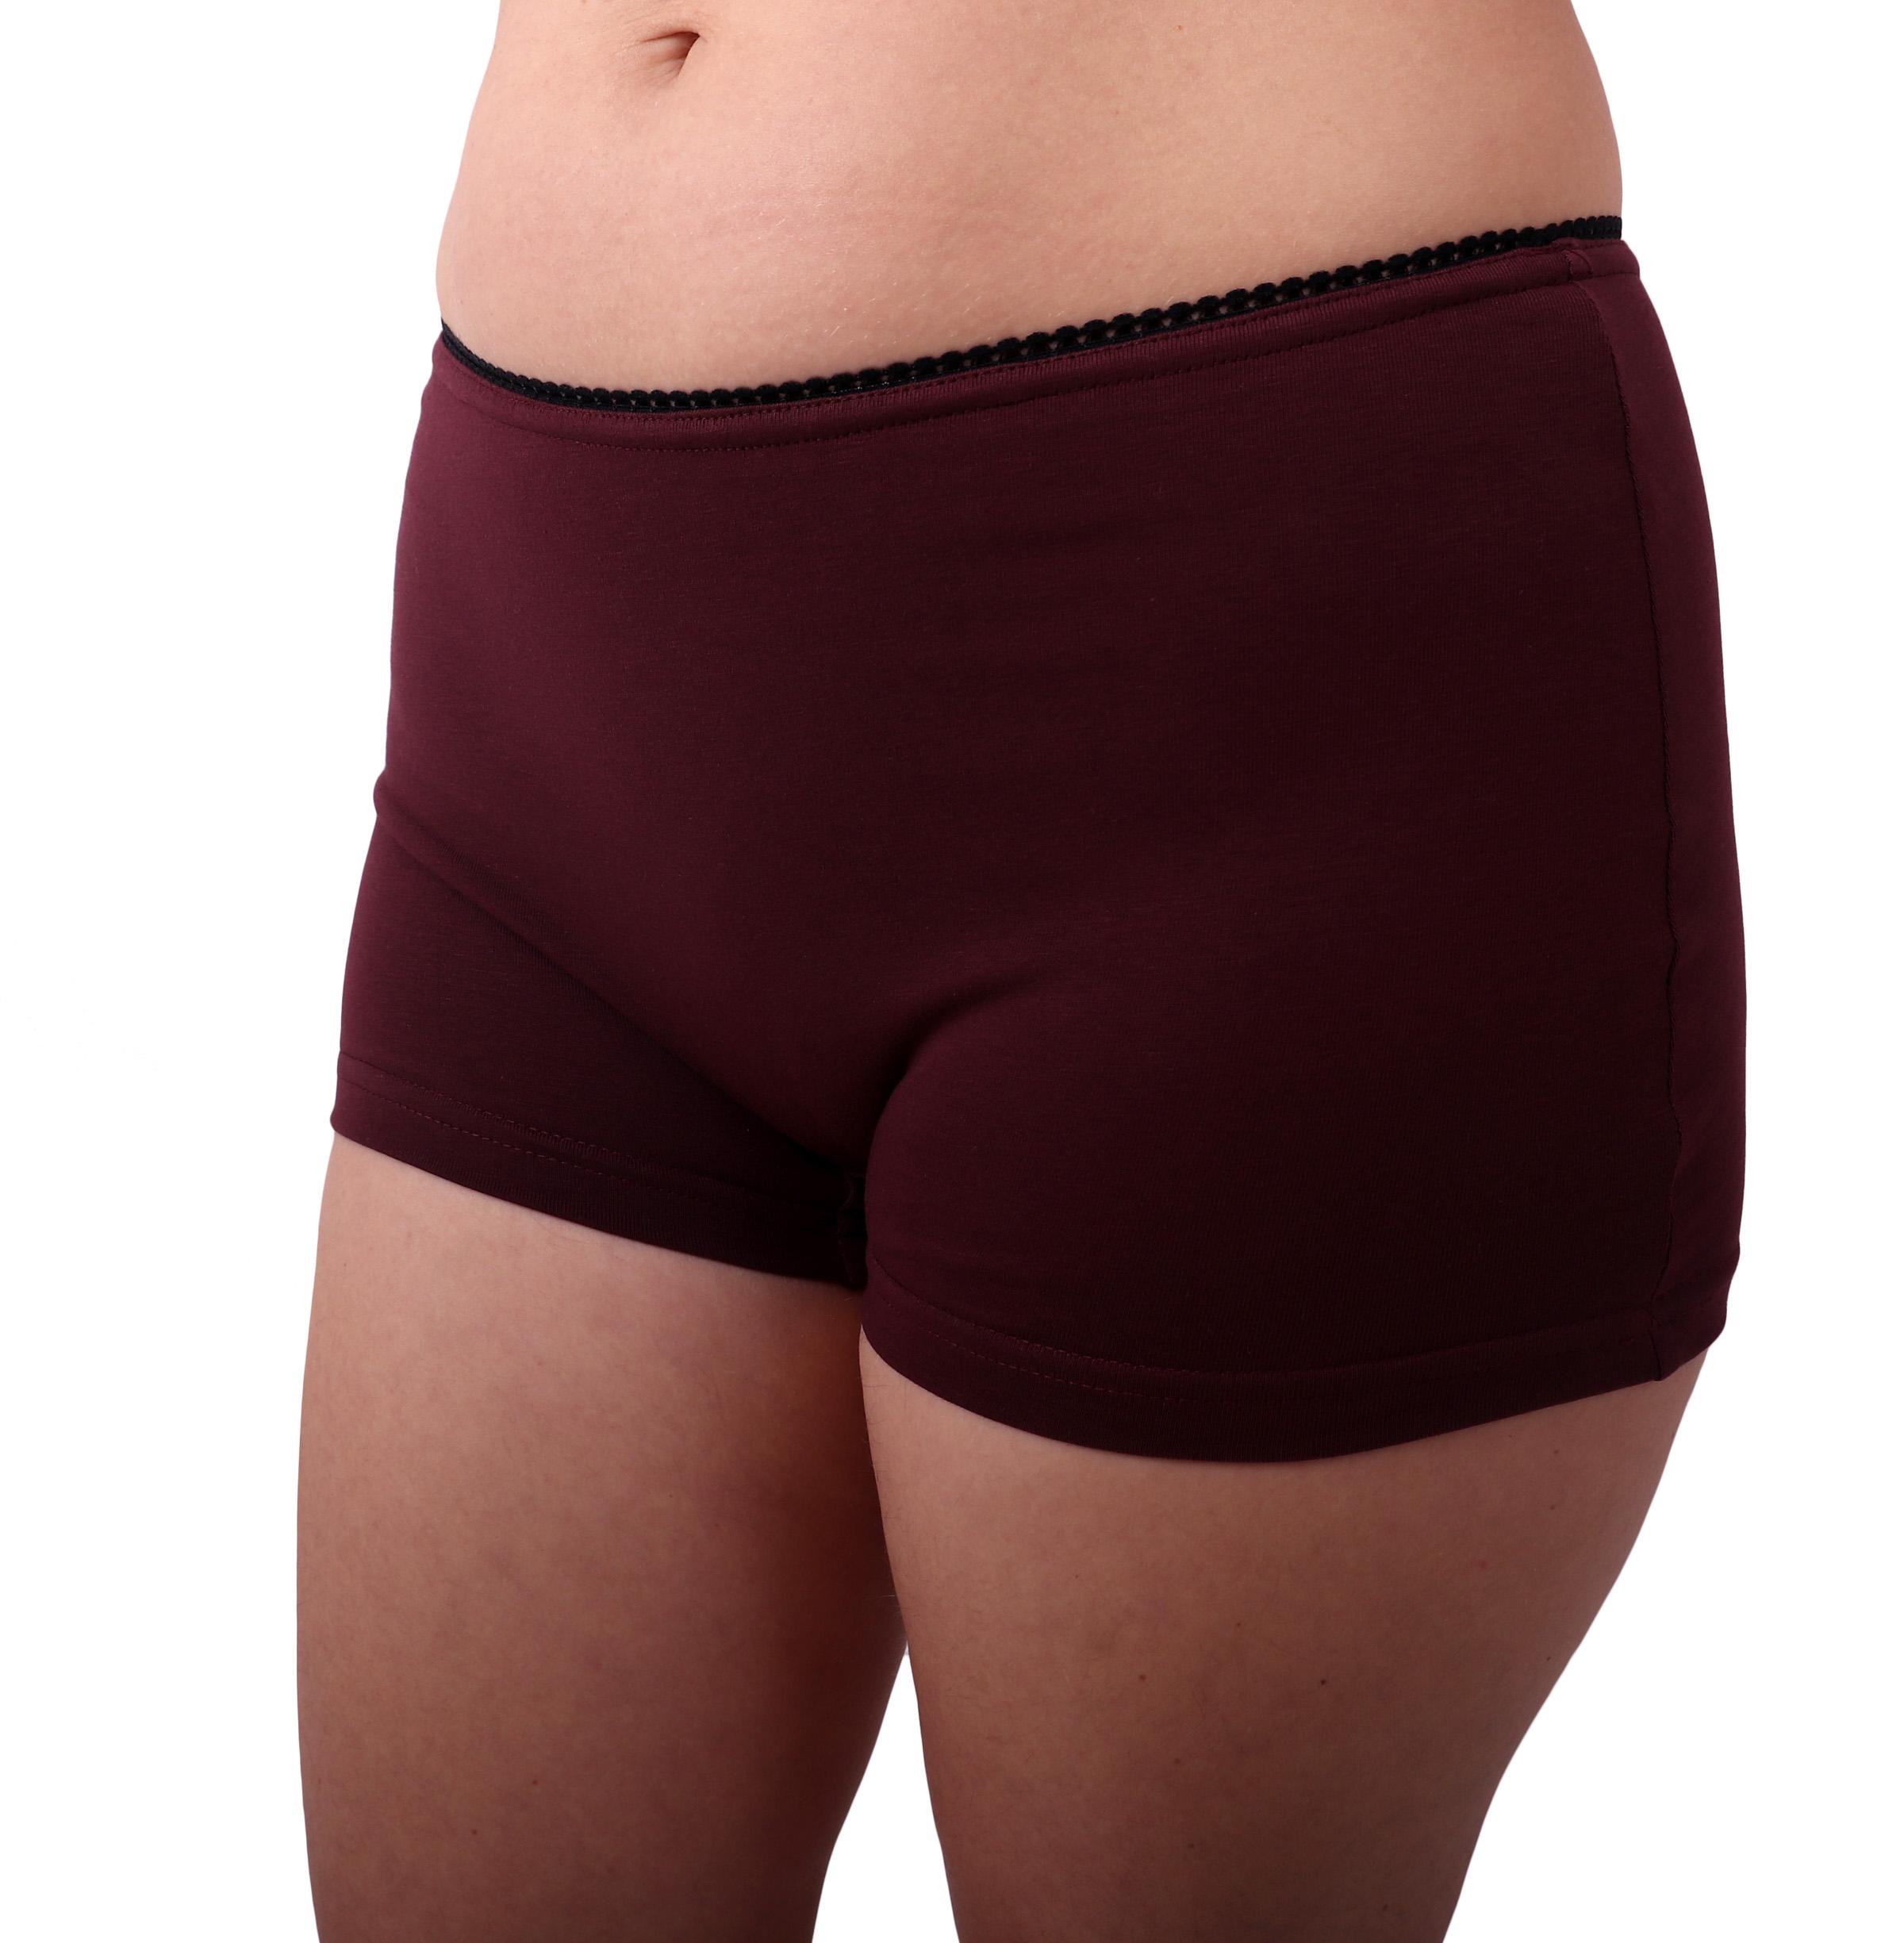 Dámské kalhotky bavlněné, nohavičkové, bordo, 40